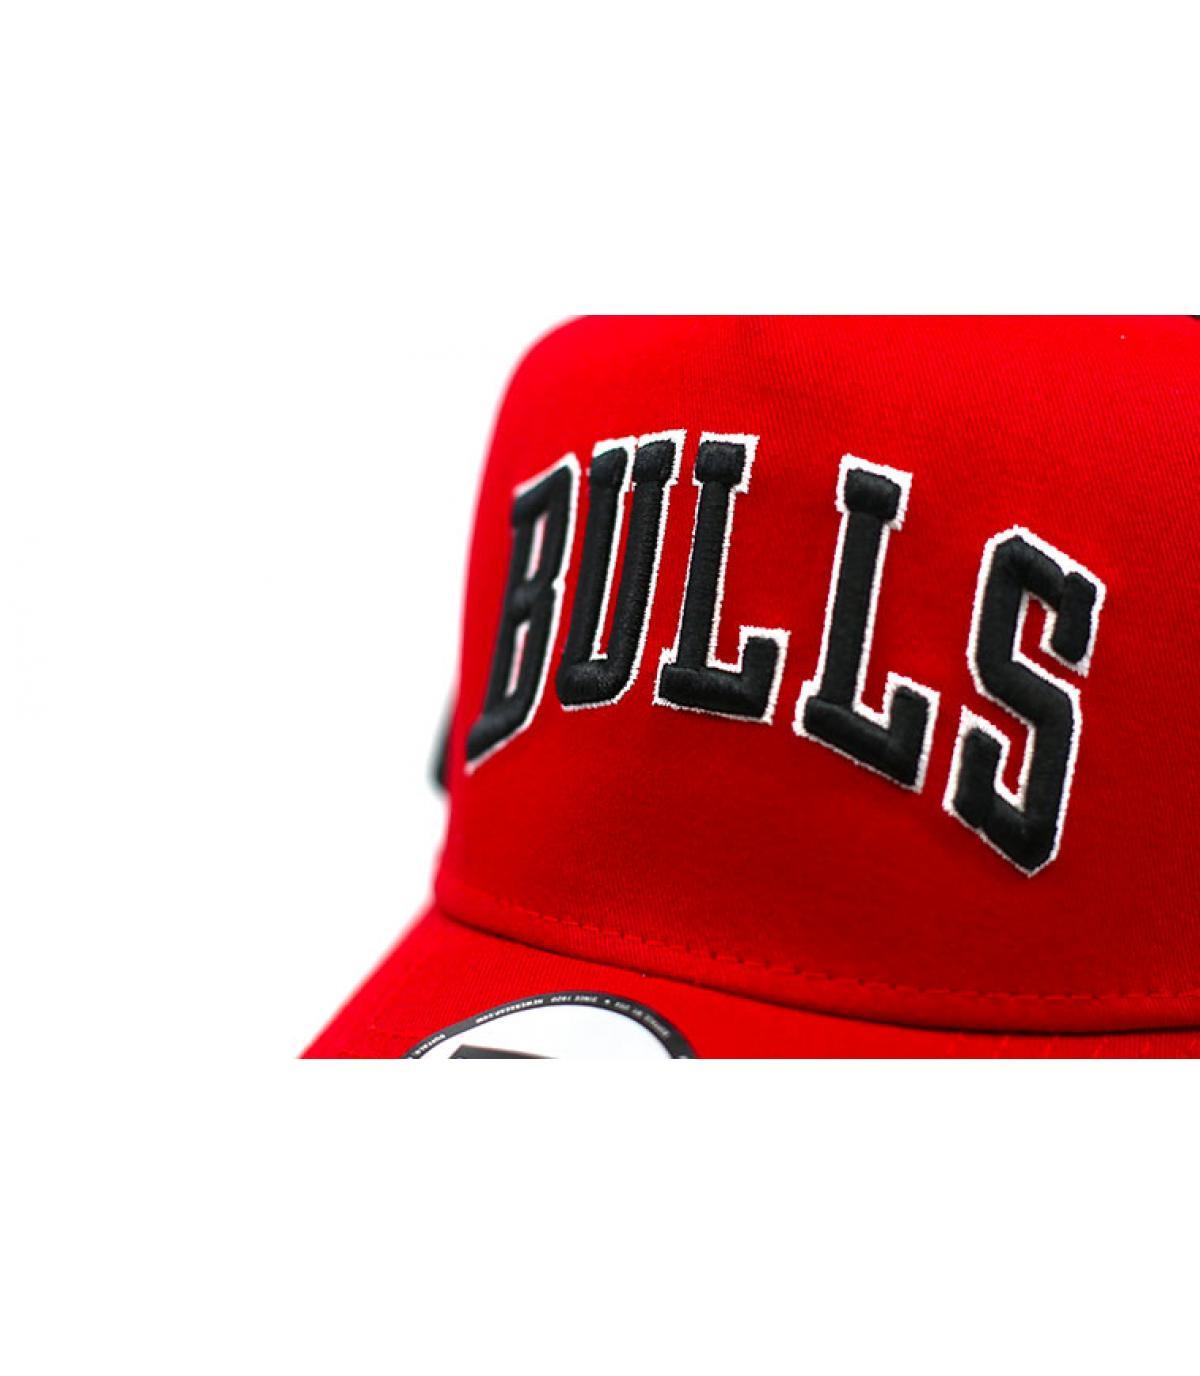 Details Trucker Reverse Team Bulls - Abbildung 3